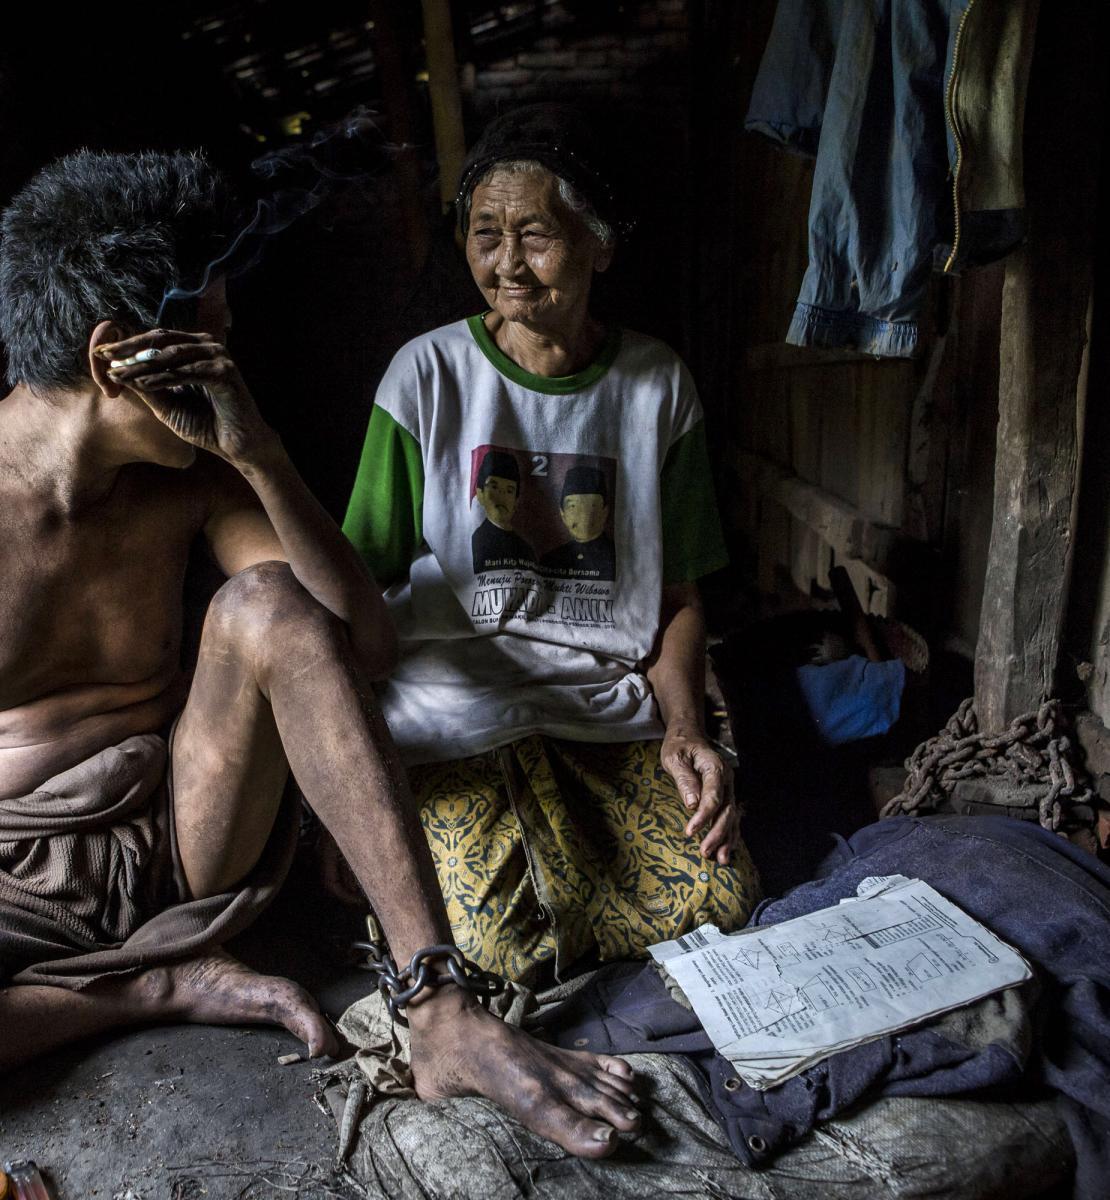 Una mujer y un hombre se miran mientras están sentados en el suelo. El hombre tiene grilletes alrededor de las piernas y está fumando un cigarrillo.